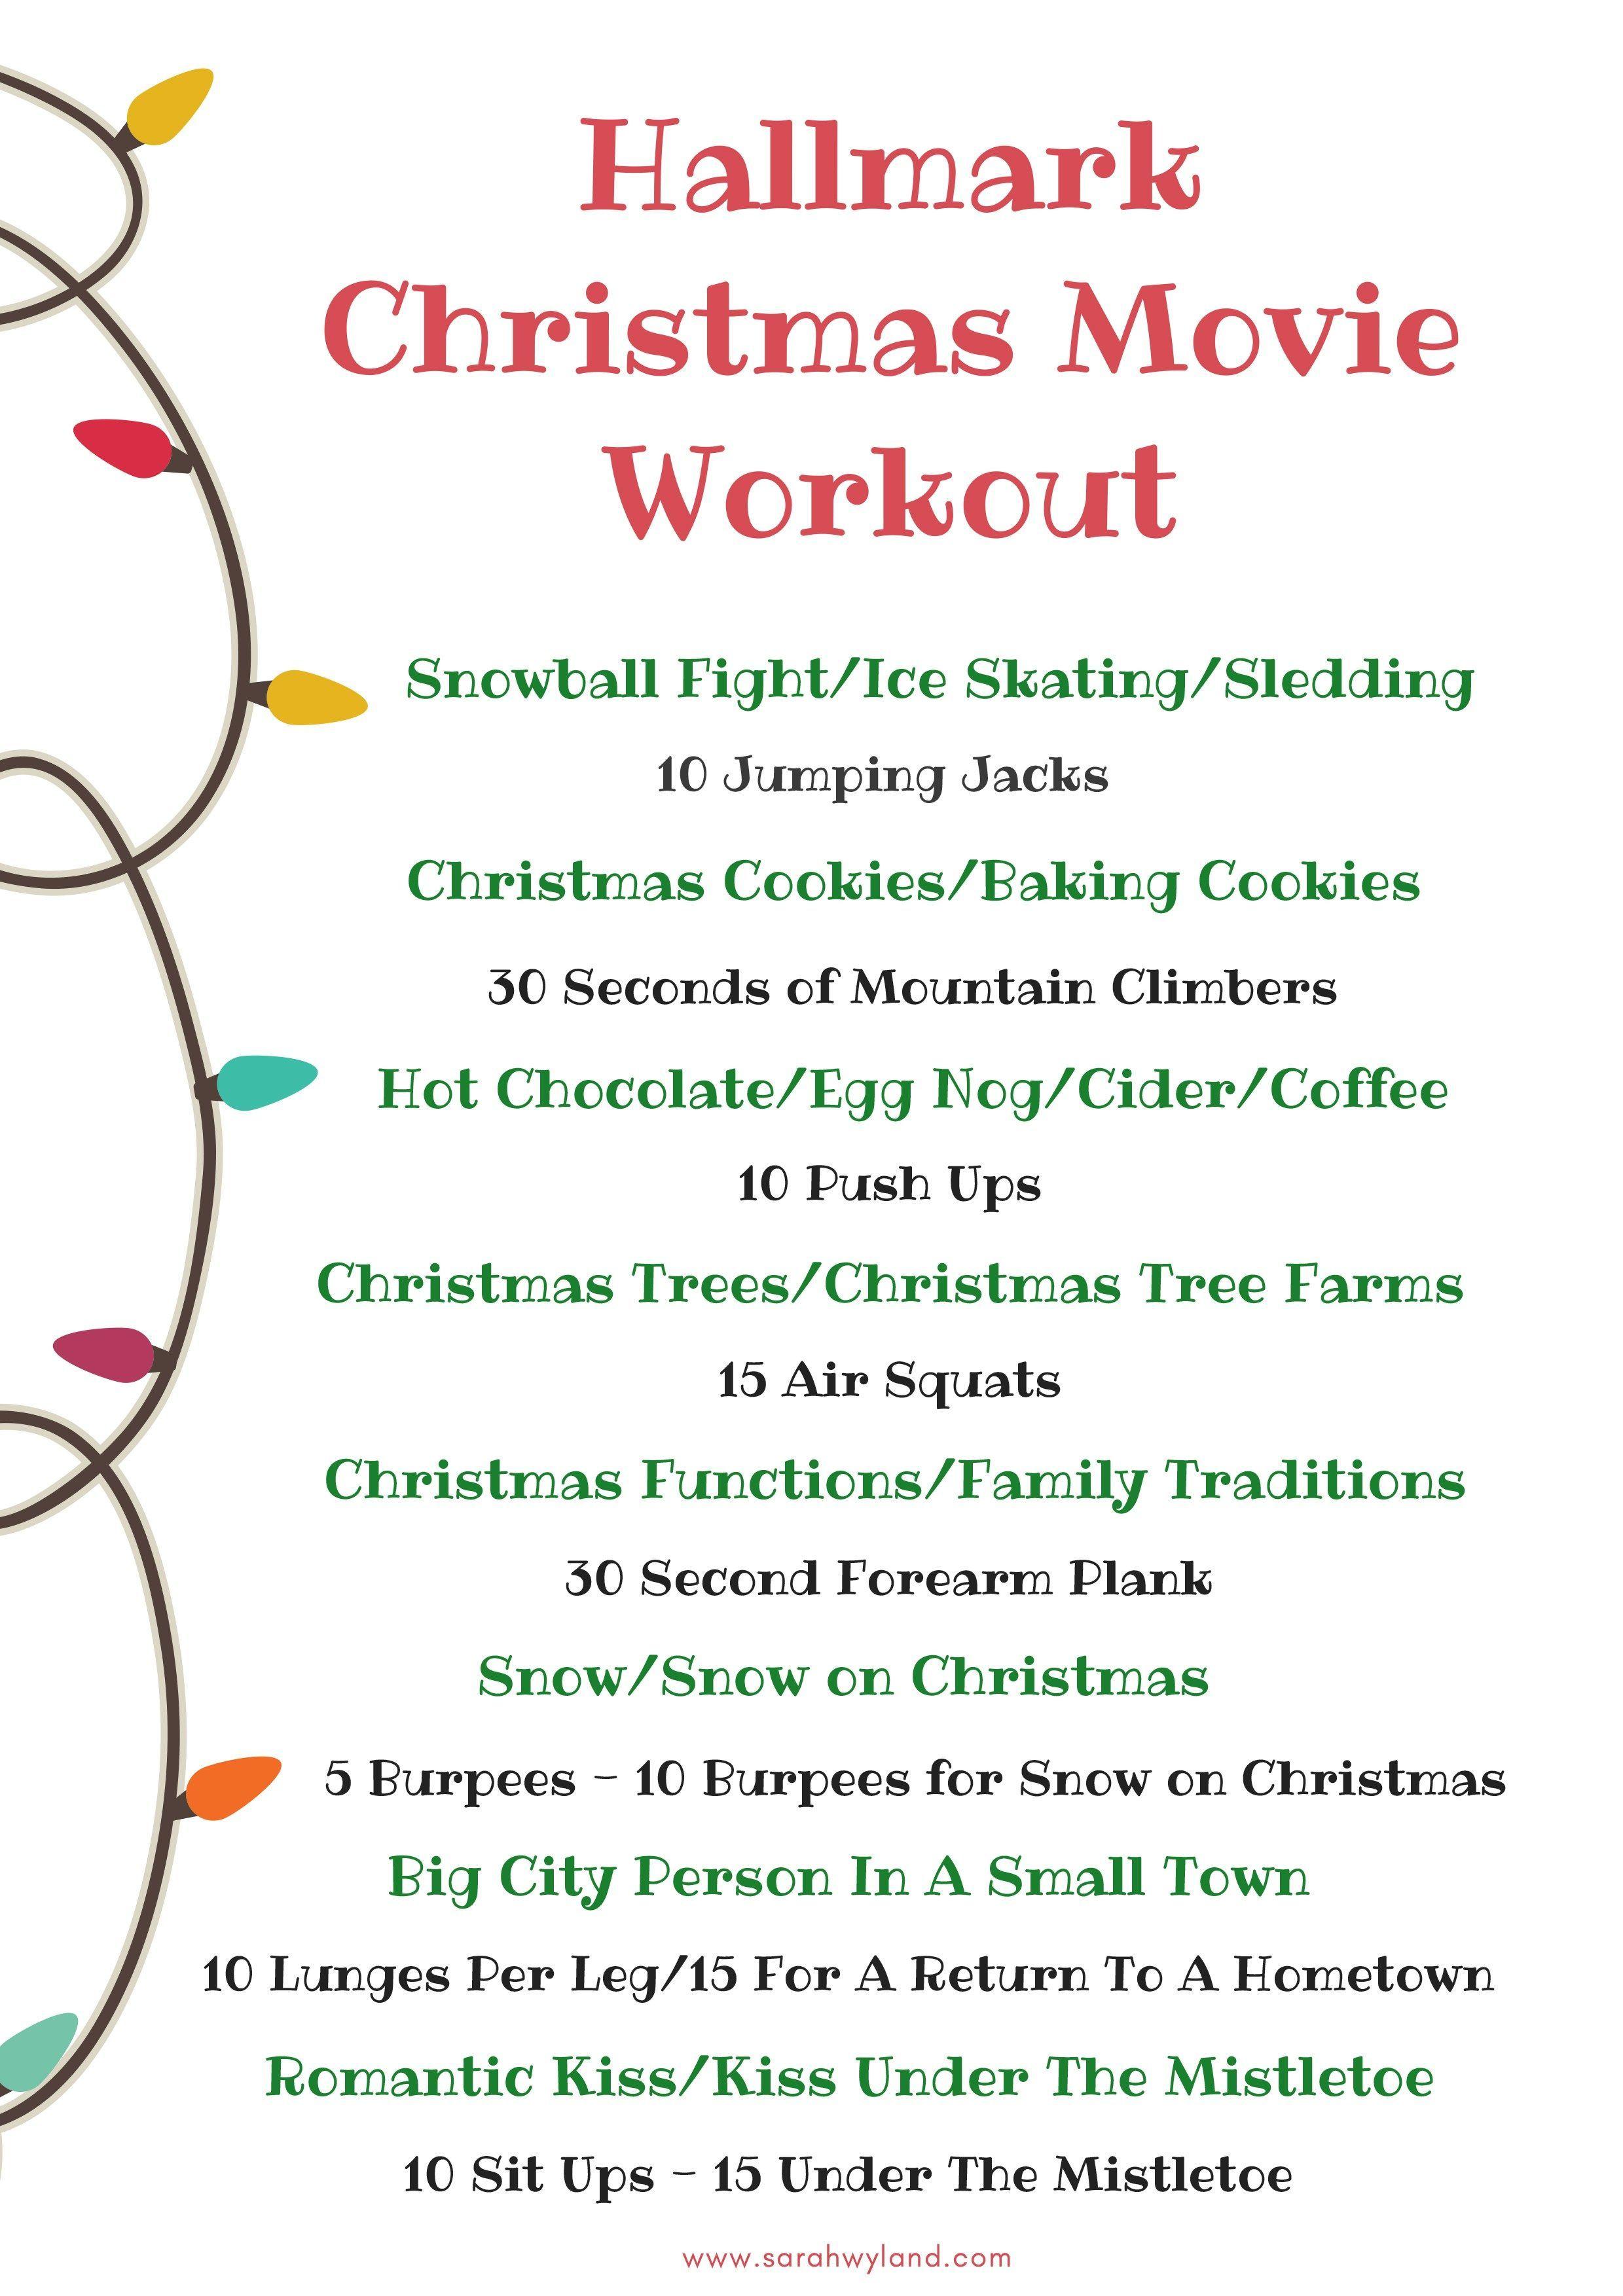 Hallmark Christmas Movie Workout #corecardioworkout | Stuff to buy ...